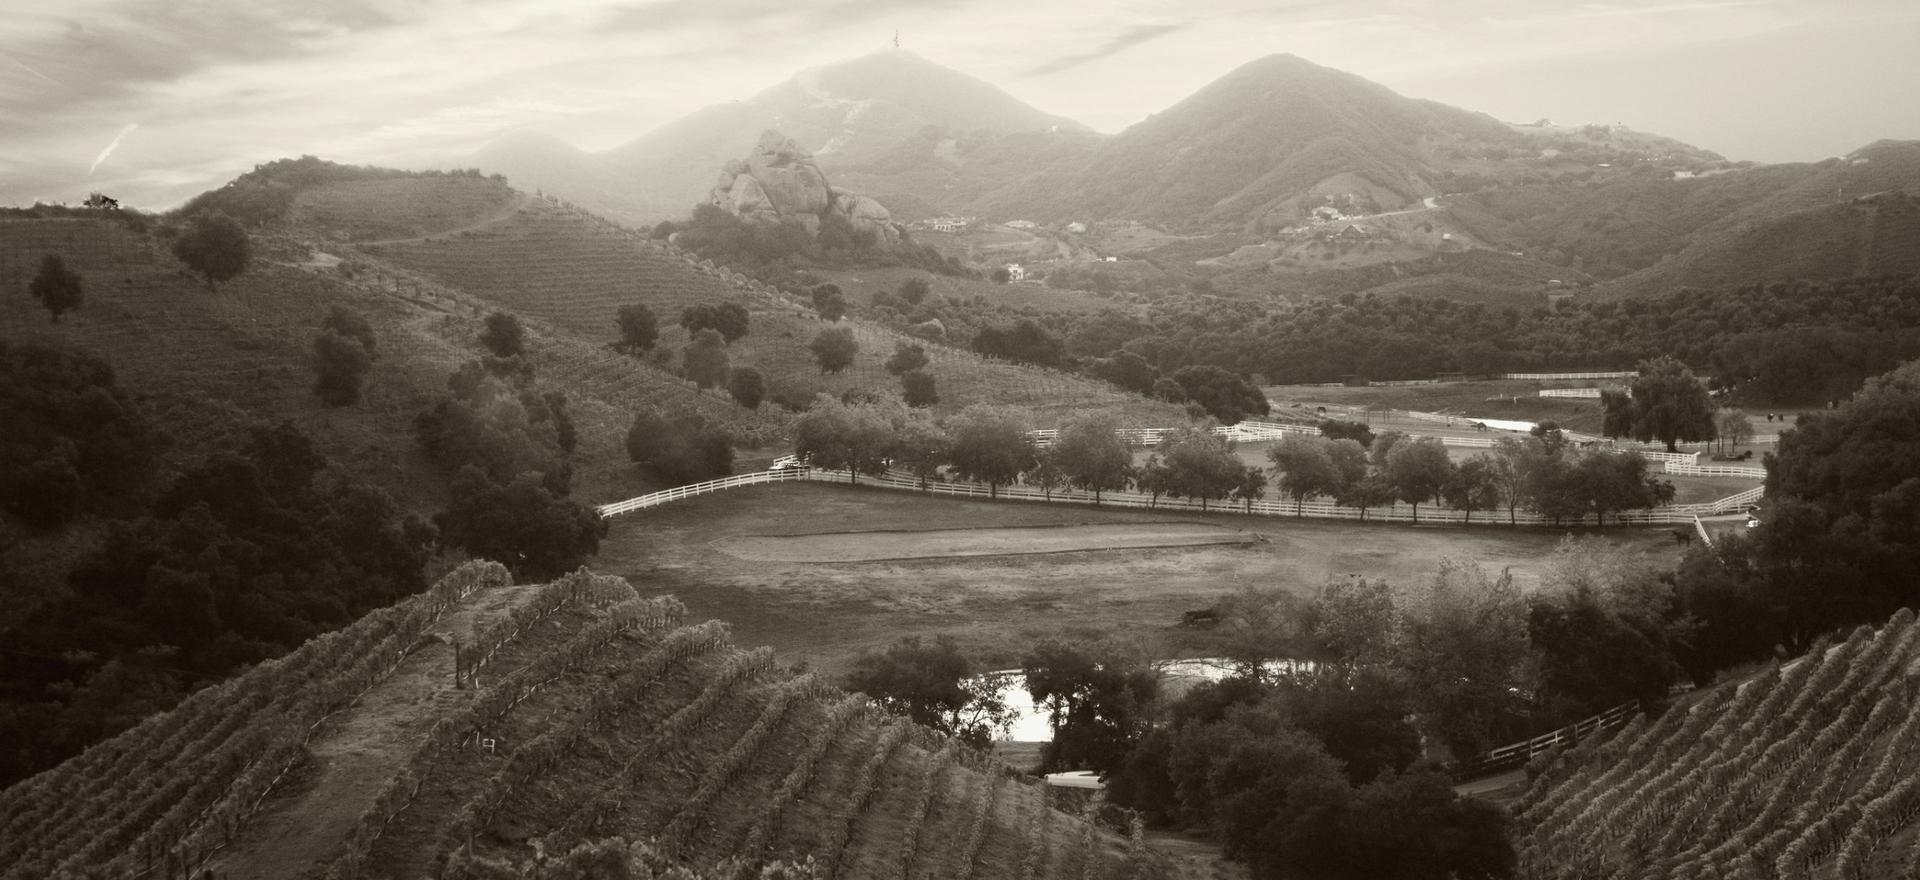 SaddleRock Ranch